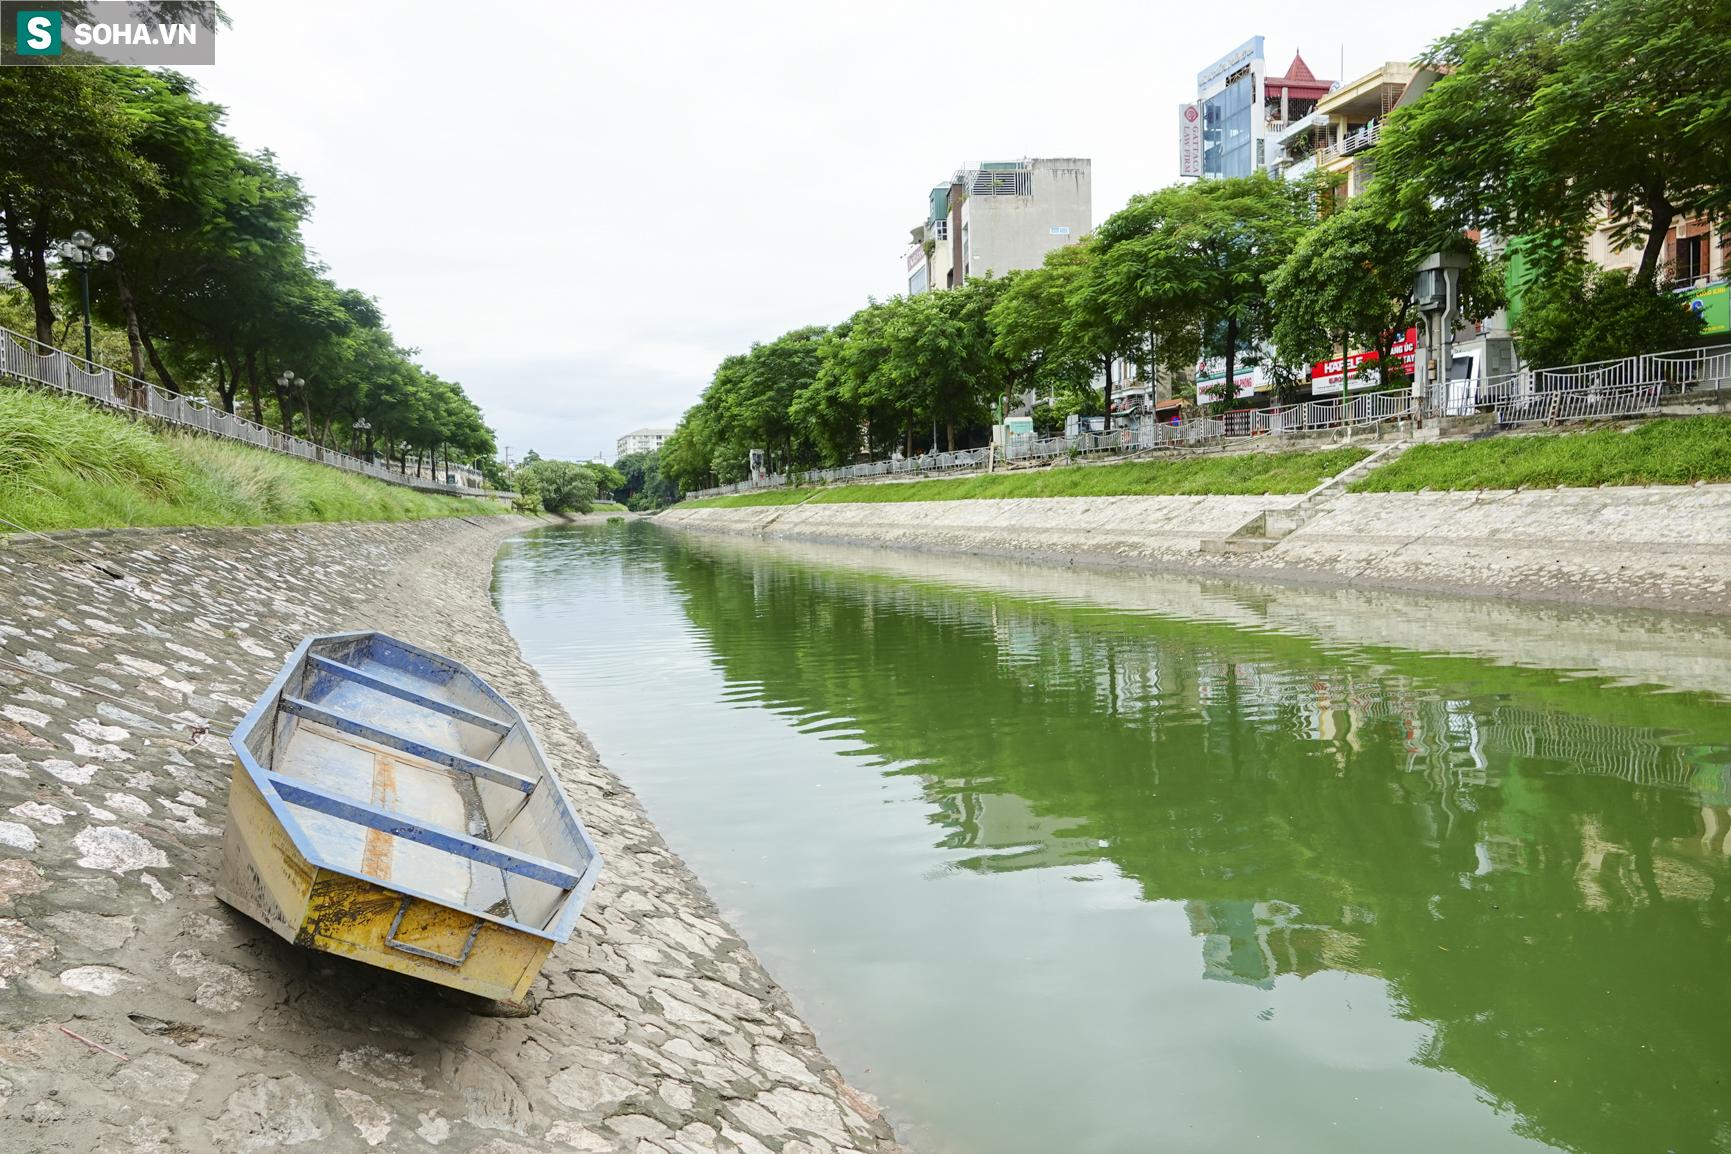 Nước sông Tô Lịch bỗng chuyển màu xanh ngắt hiếm thấy, người dân hân hoan bắt hàng tạ cá - Ảnh 12.